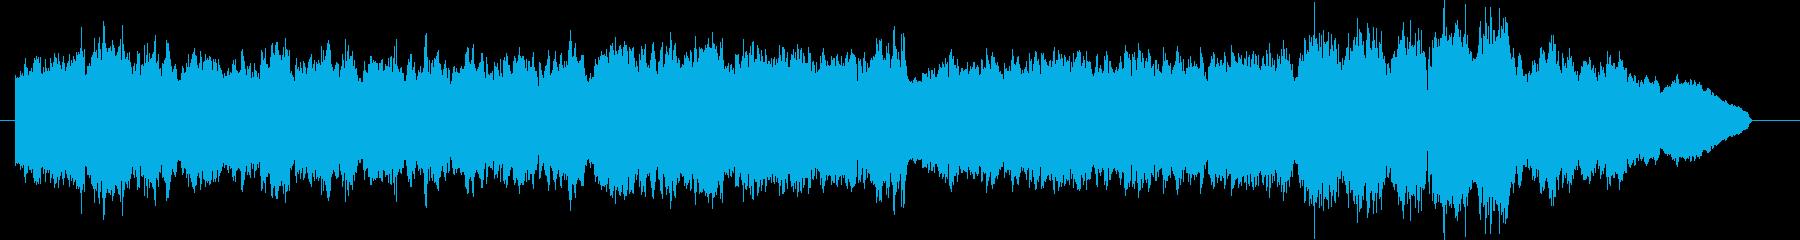 ストリングスによるシンプルなクラシックの再生済みの波形